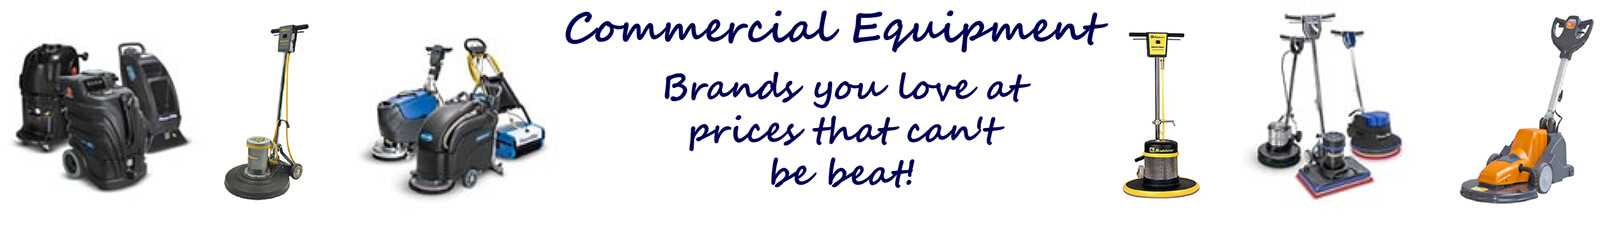 commercial-equipment-banner.jpg